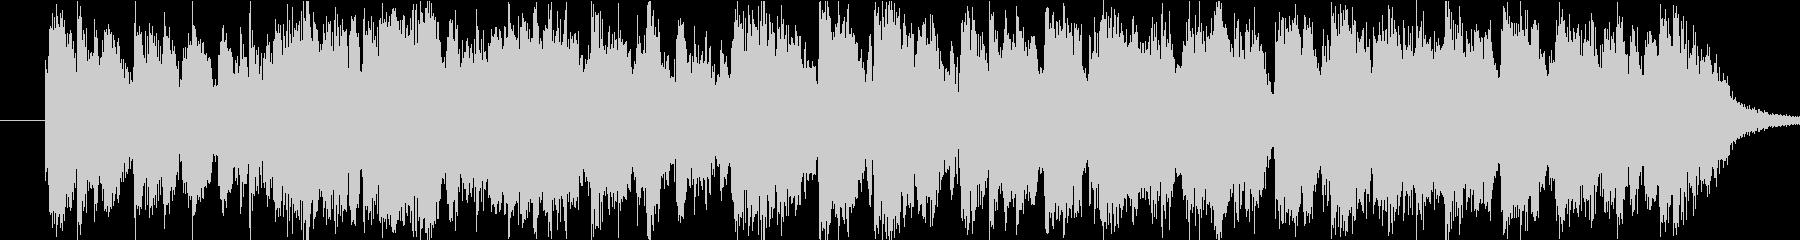 ファンクインスト。ビッグホーンブラ...の未再生の波形